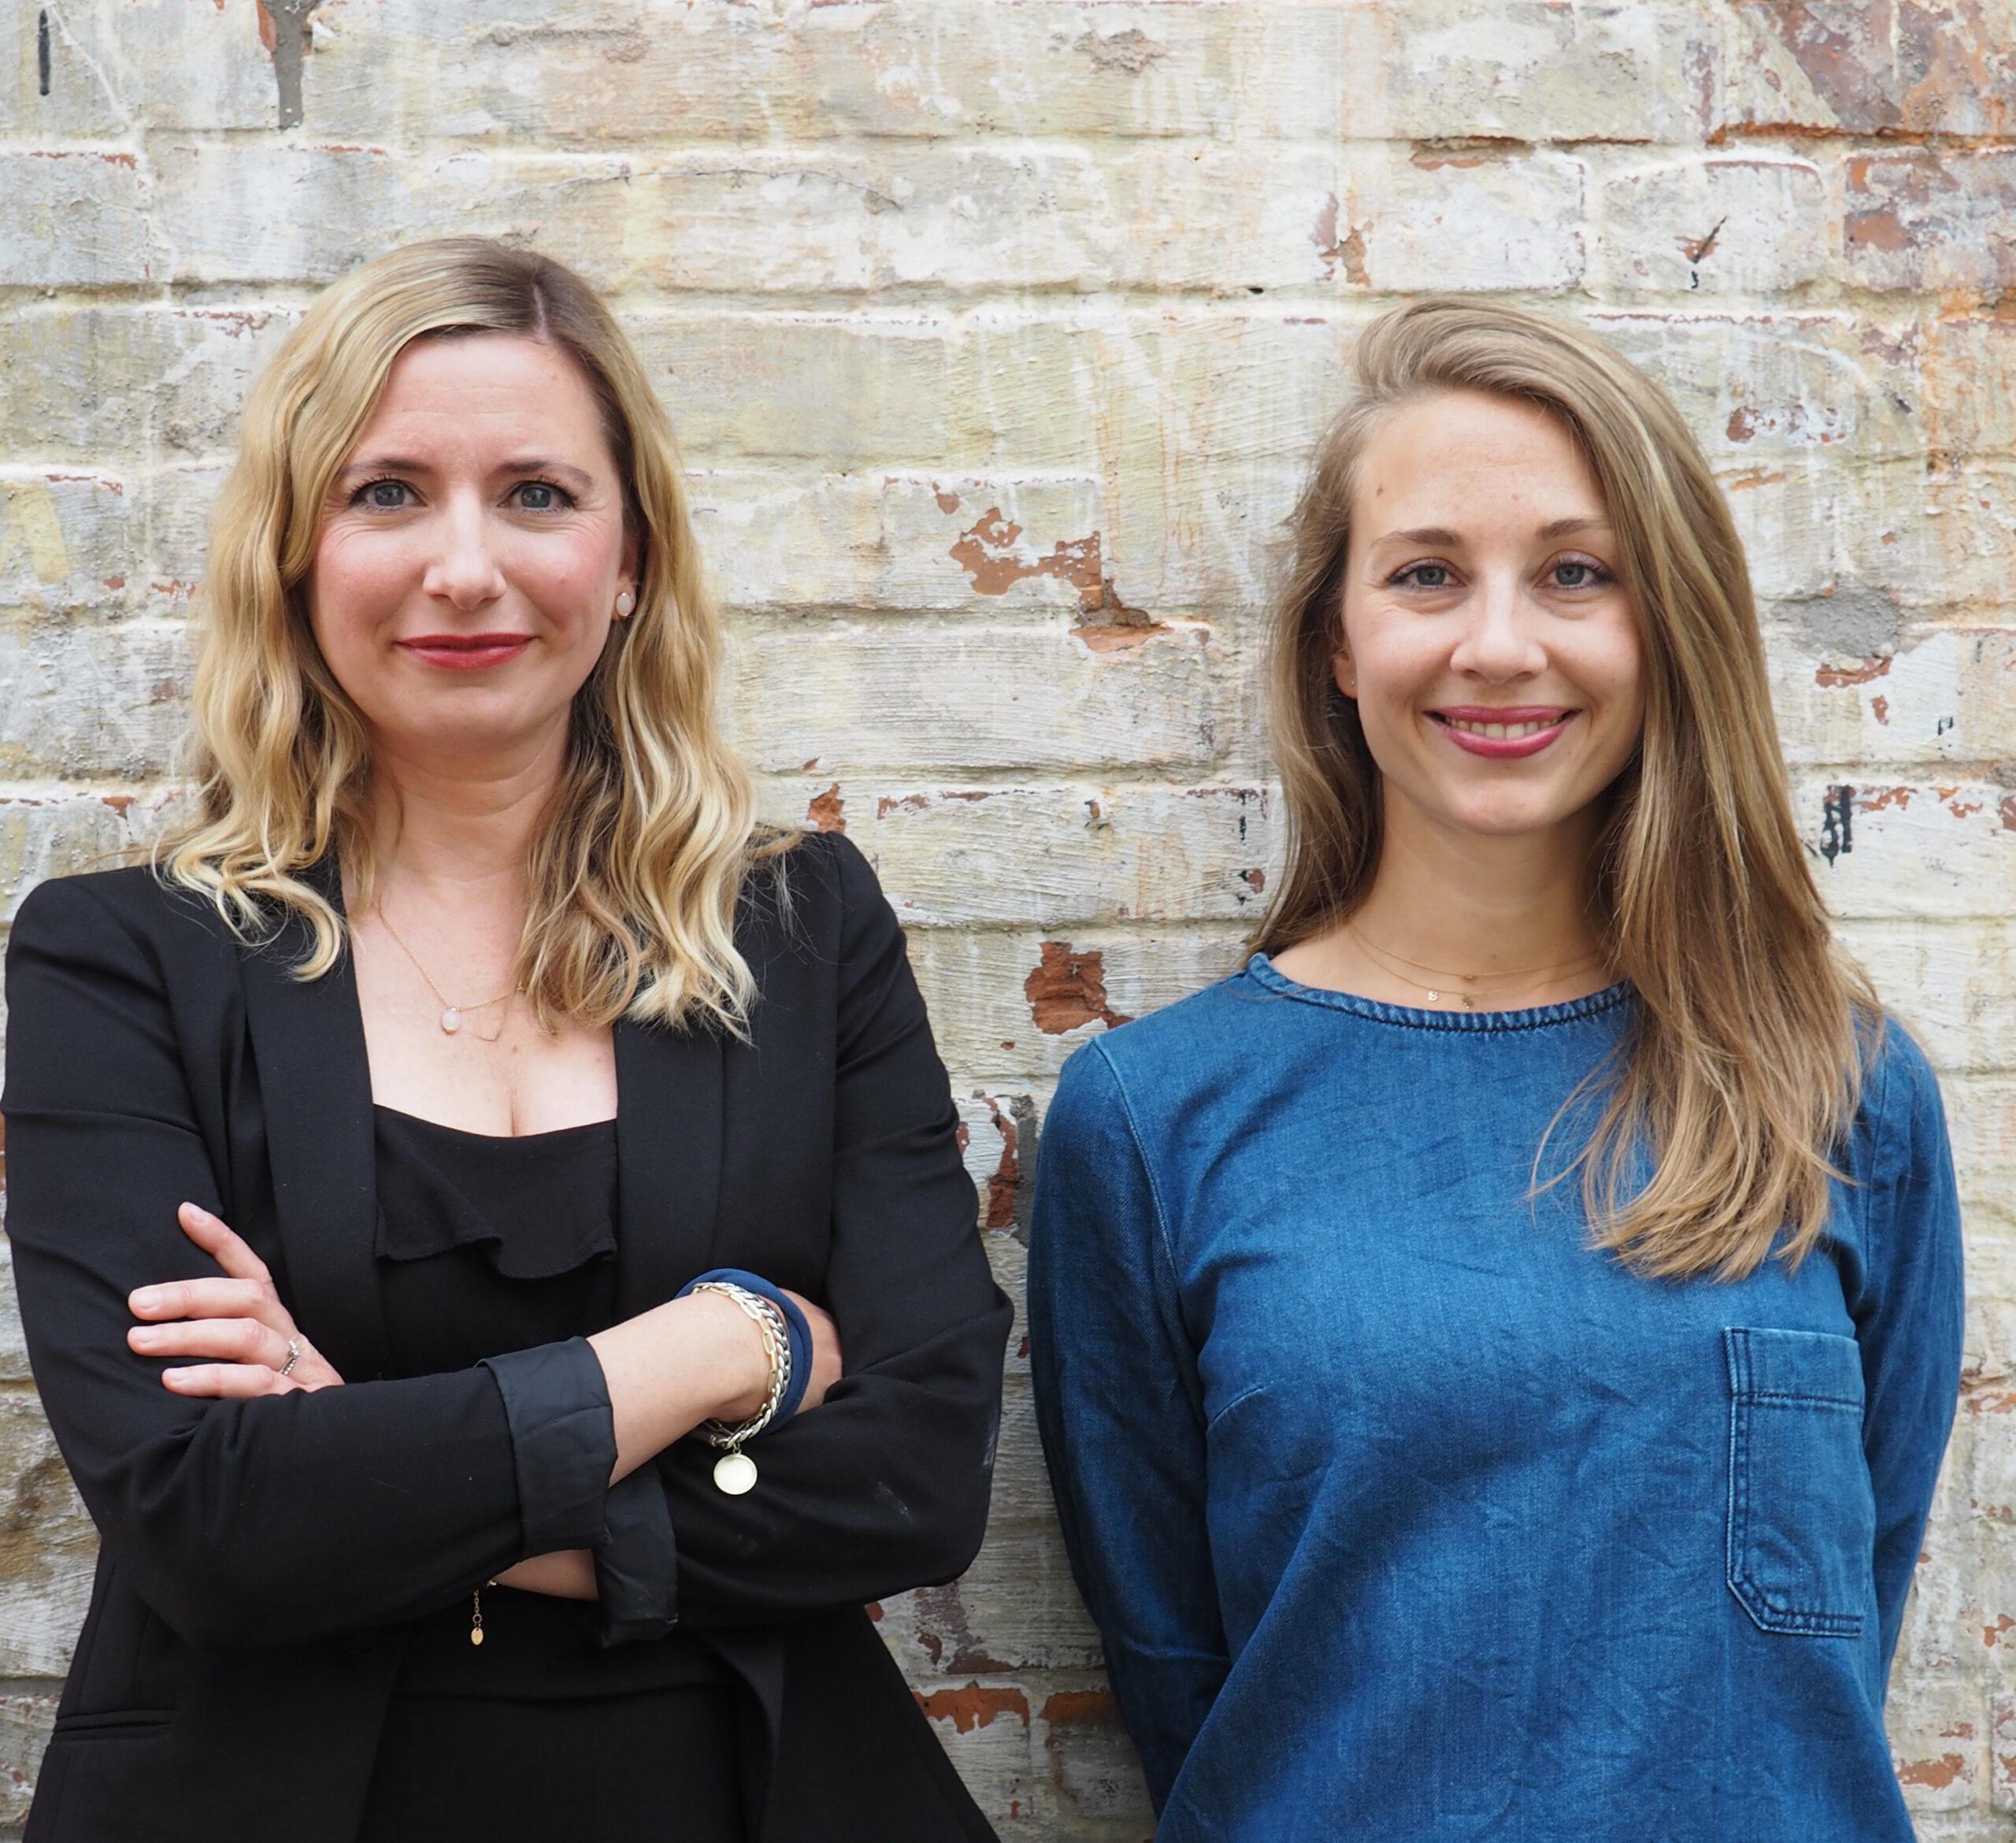 WORTSCHATZ HAMBURG (Friederike Schön & Stefanie Matousch)